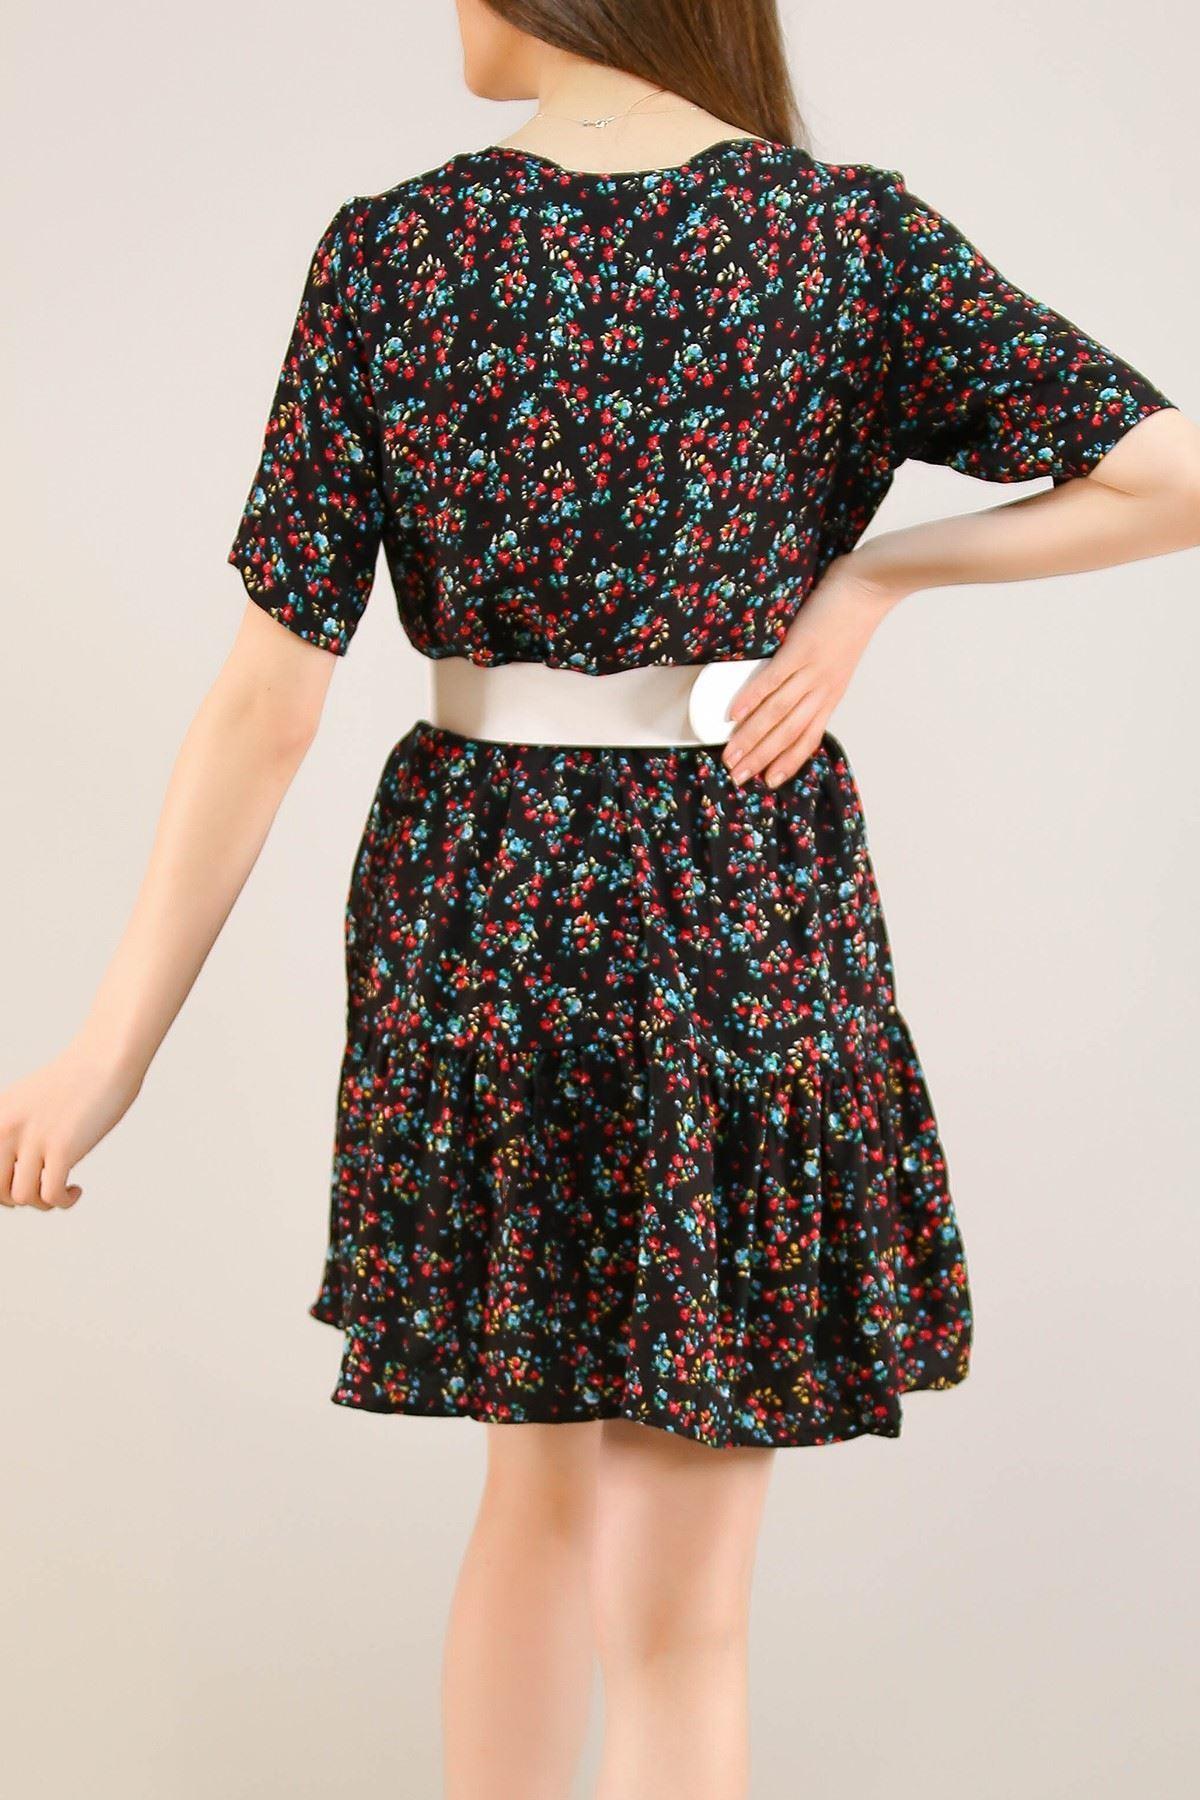 Çerçeve Yaka Kısa Elbise Siyahçiçekli - 5221.701.